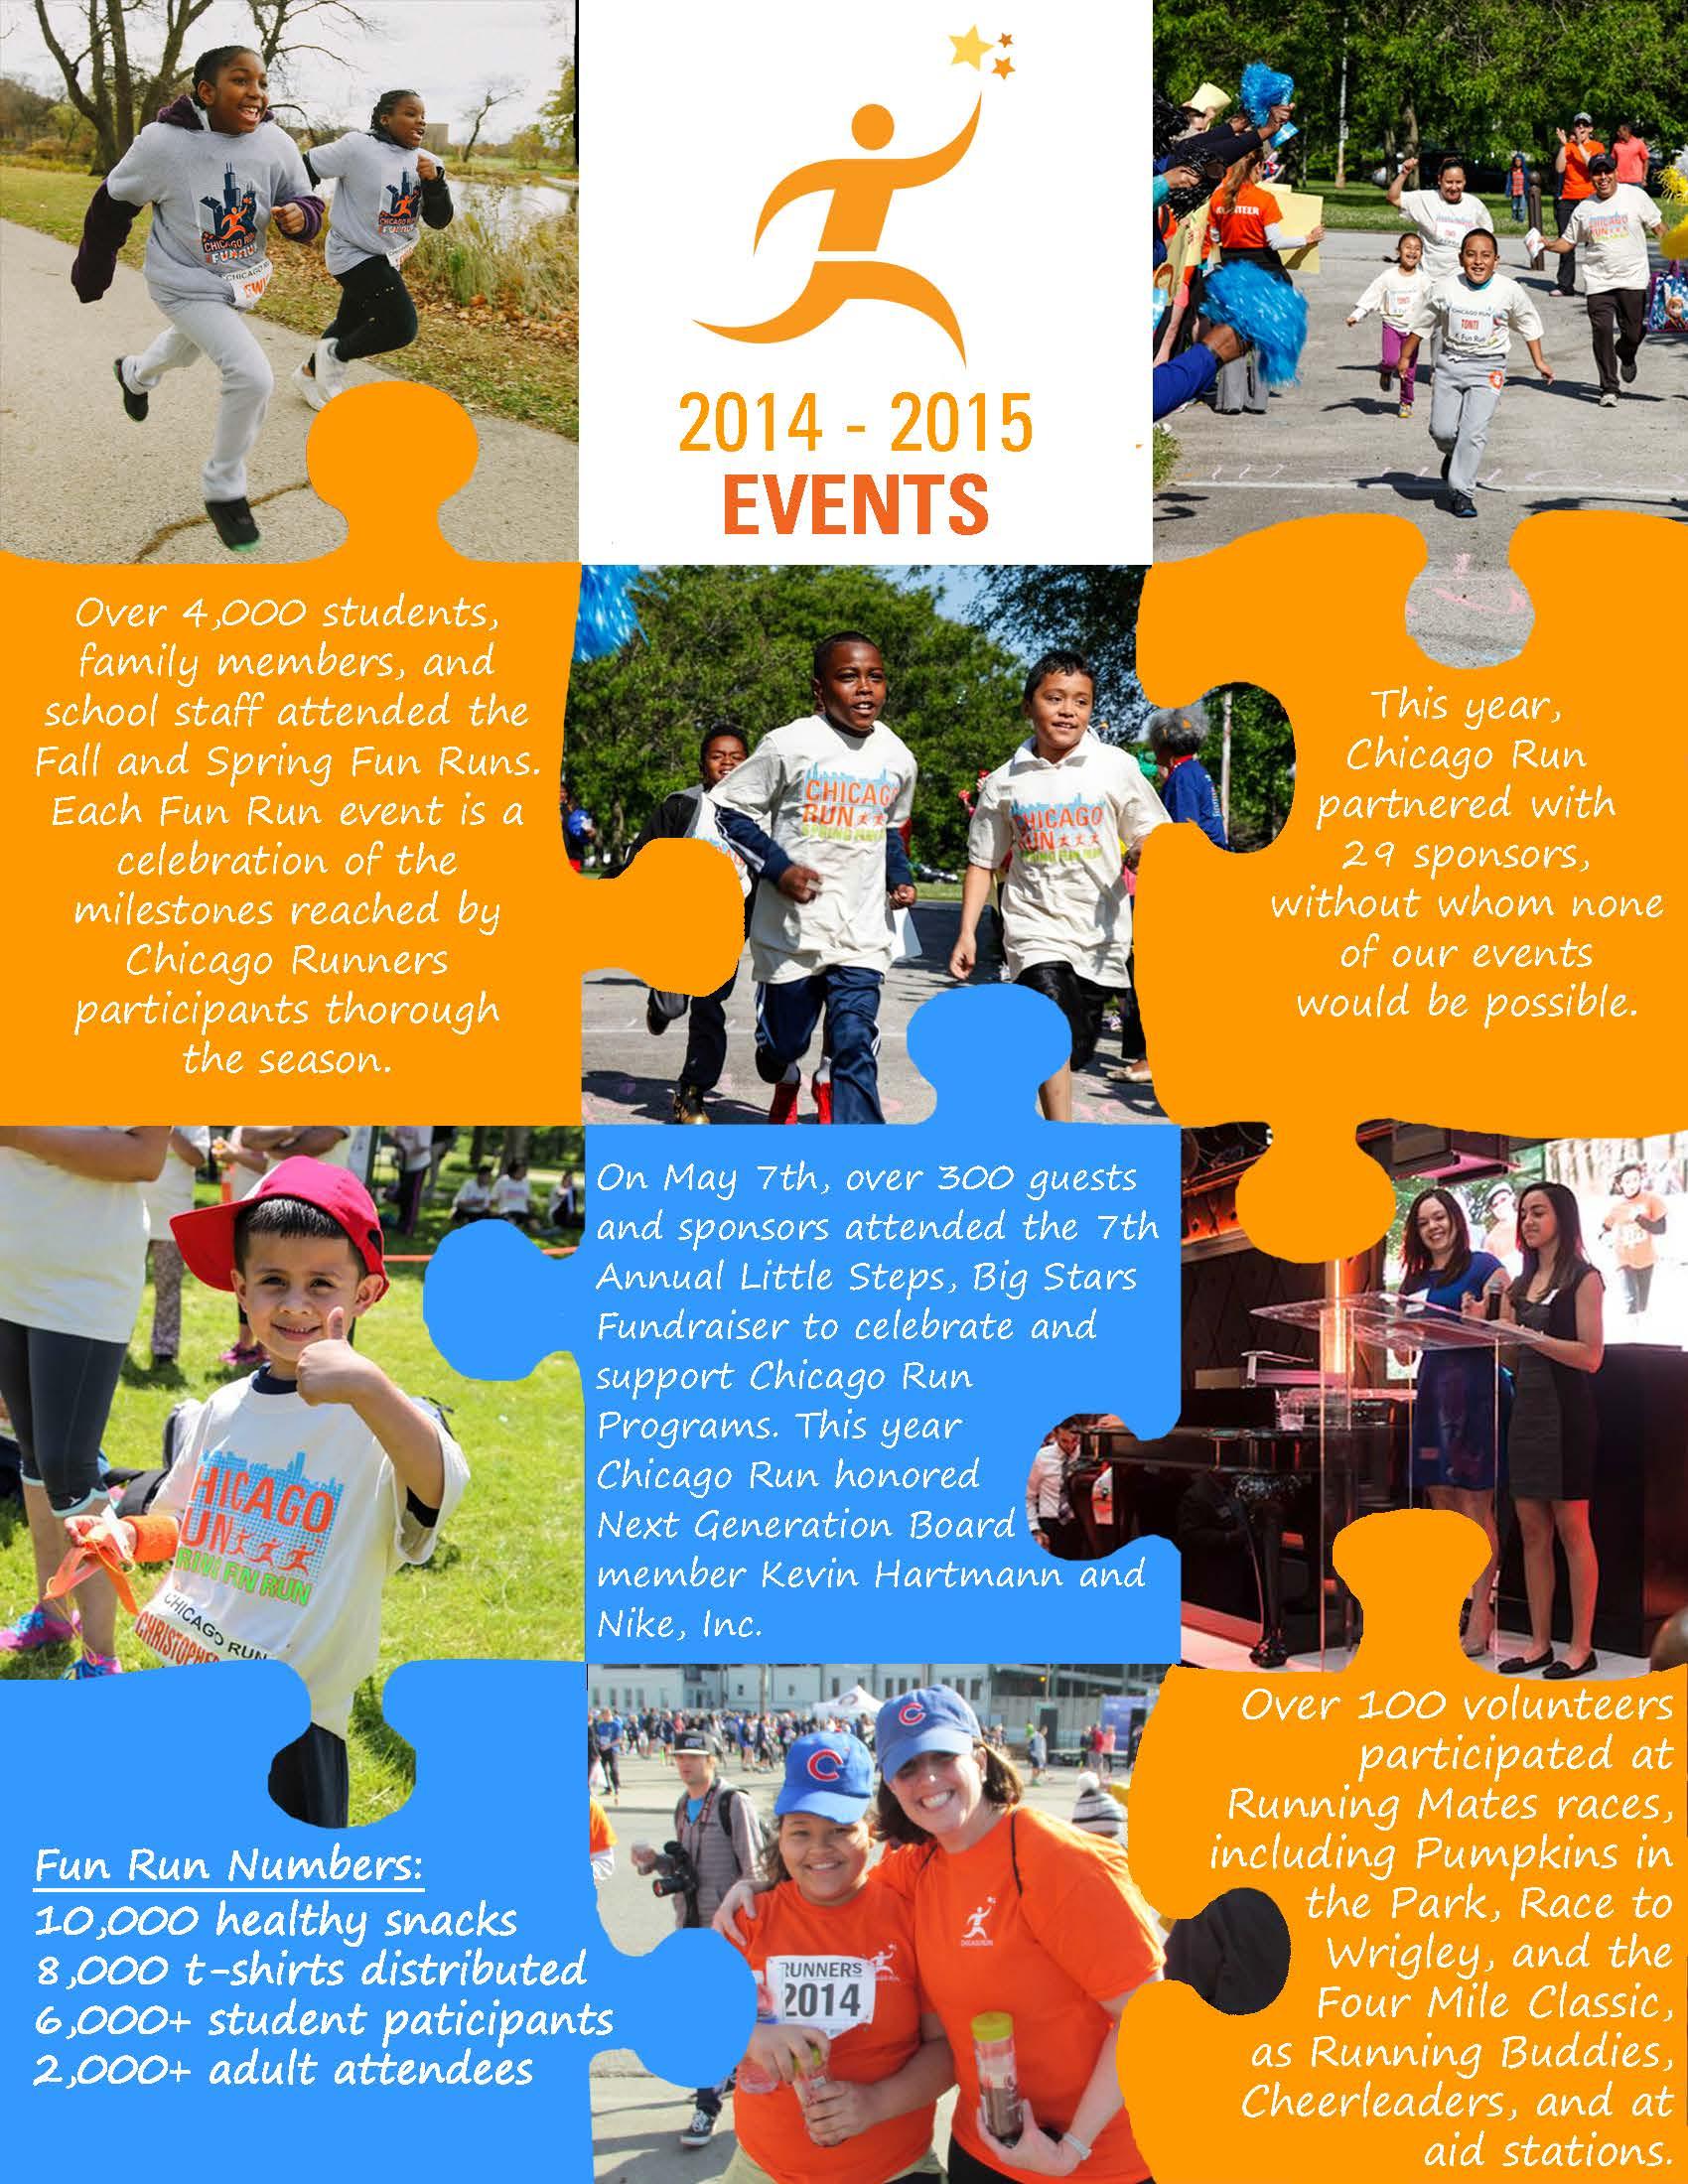 Page 7 - Events Recap.jpg